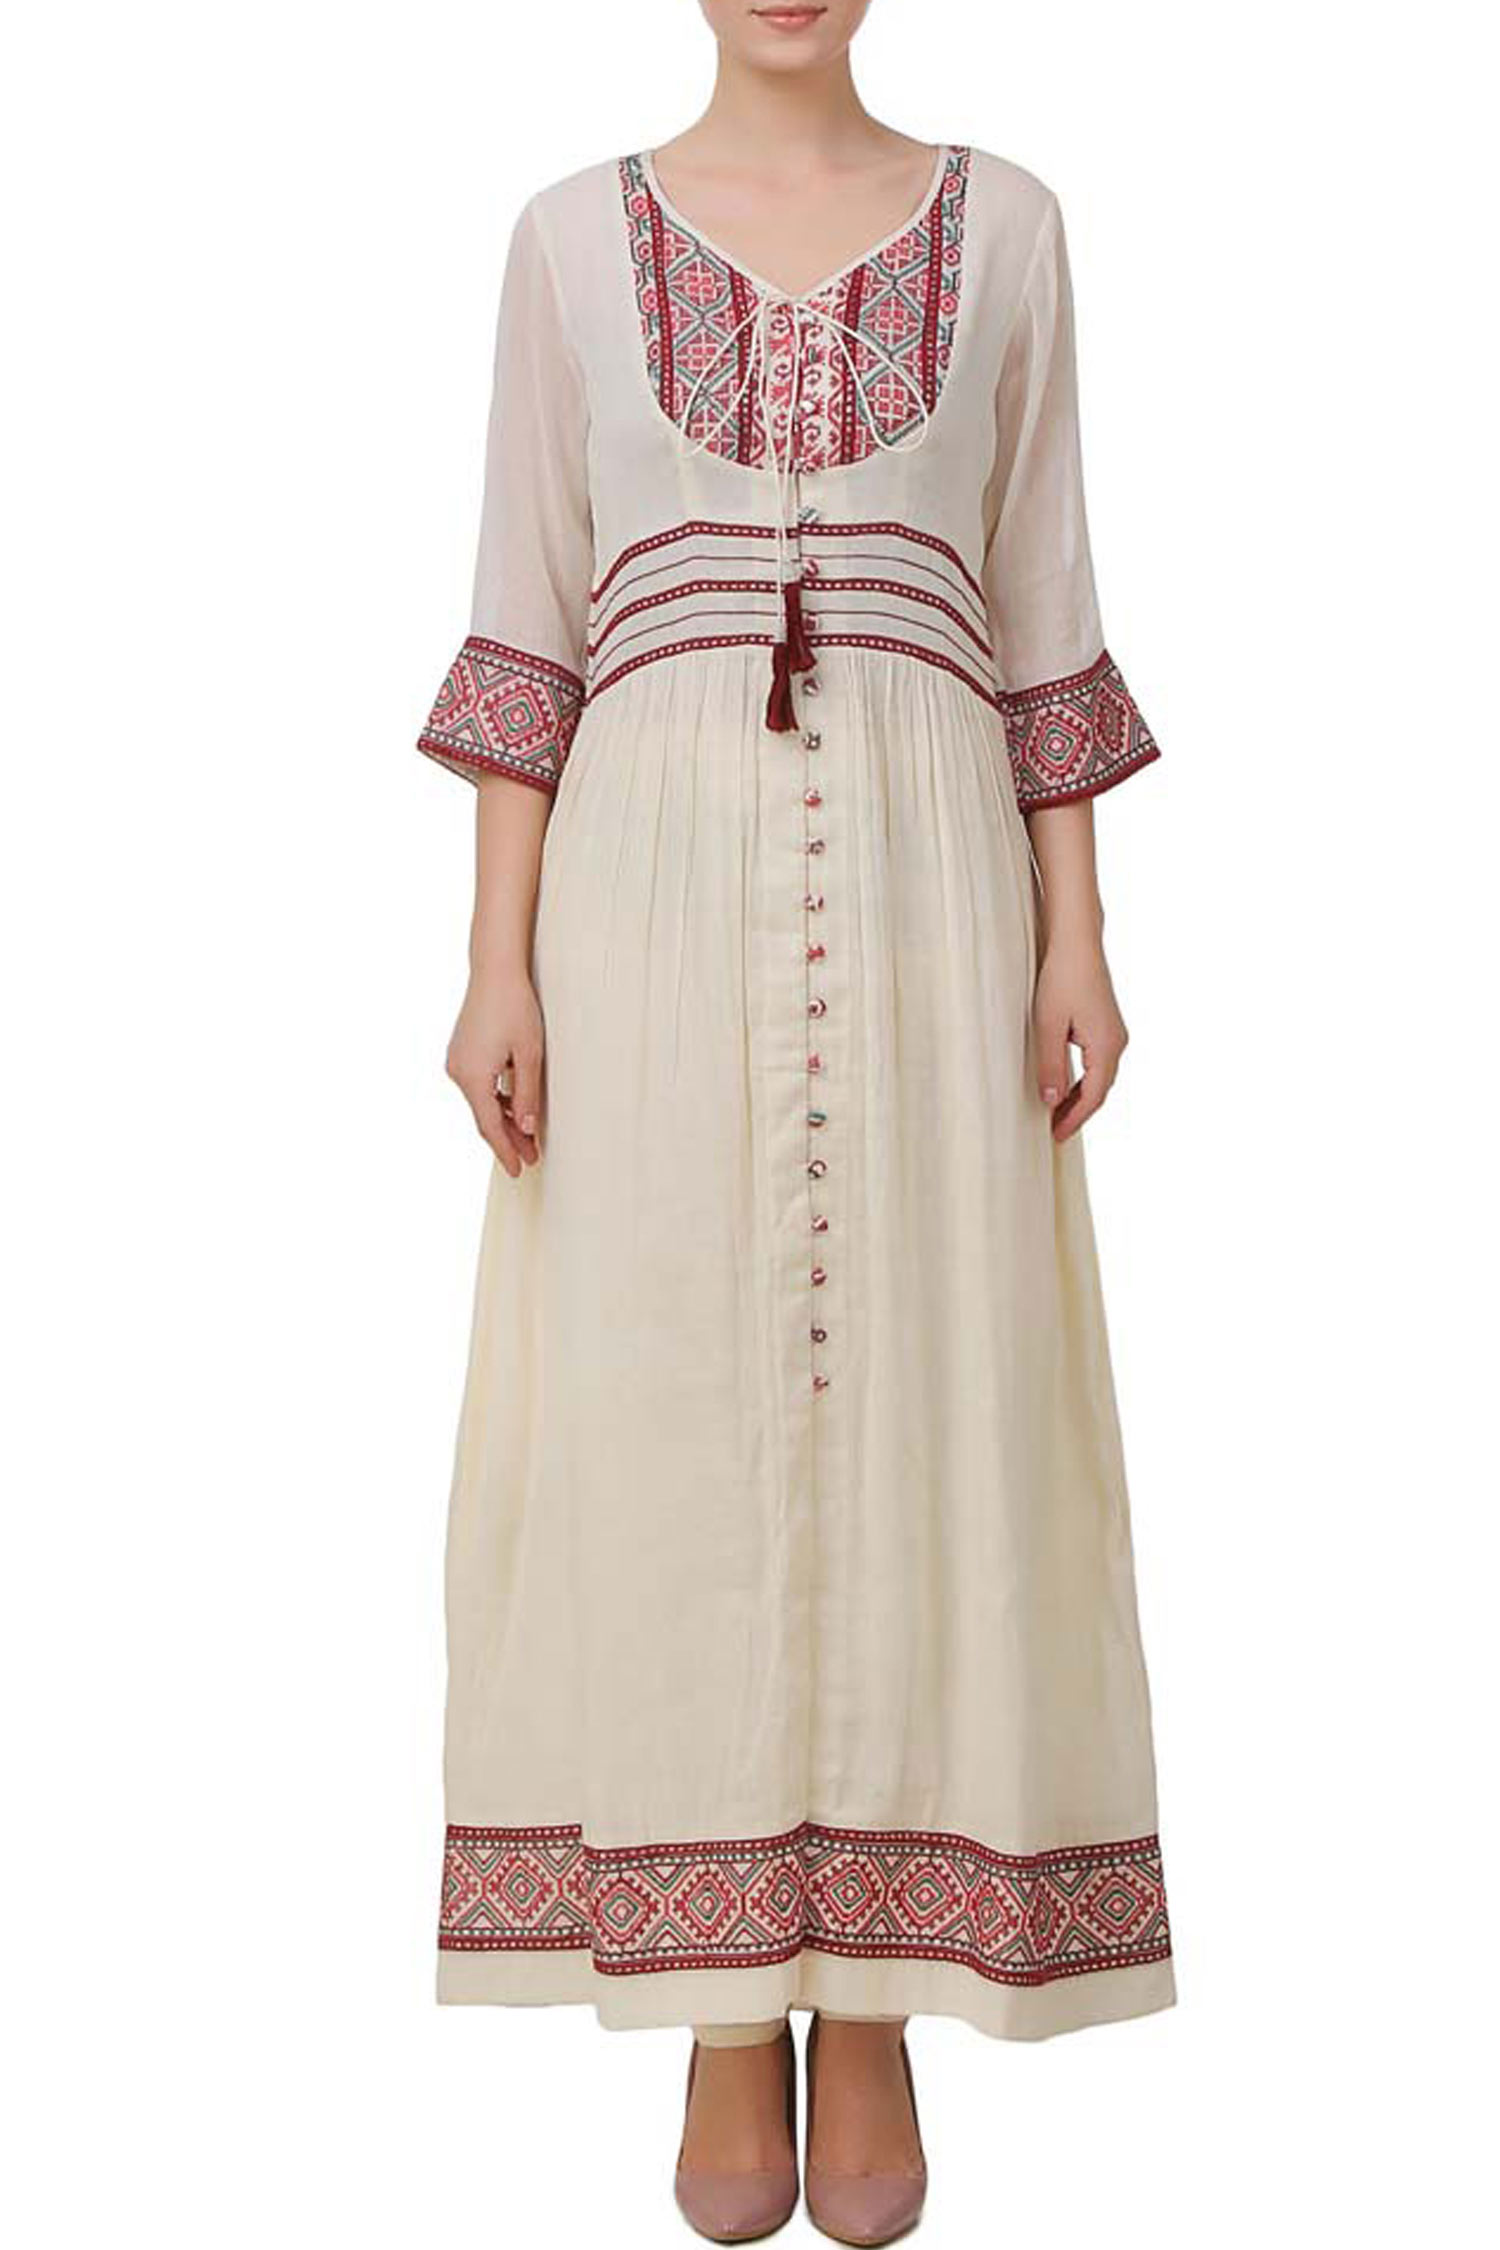 poonam bajaj, festive wear, festival outfit ideas, tunic ideas, affordable festive wear, affordable festival outfit ideas